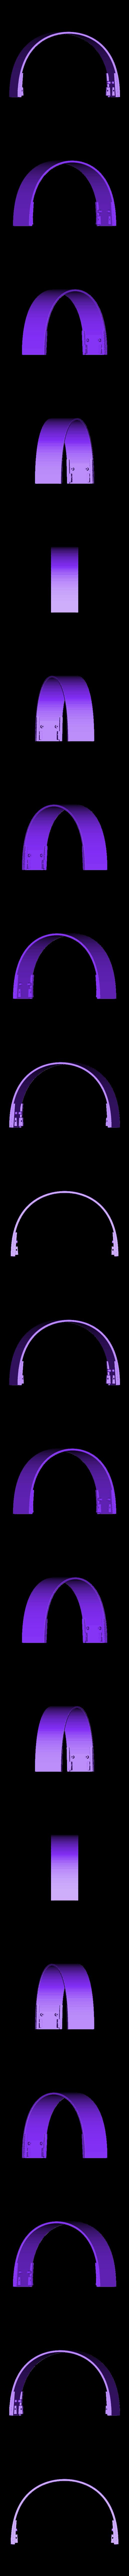 LETSCOM_H10_WIRELESS_HEADBAND_v1.0.stl Télécharger fichier STL gratuit REMPLACEMENT DU BOUCLE-TÊTE Letscom H10 Casque d'écoute Bluetooth sans fil • Design imprimable en 3D, chrisneese